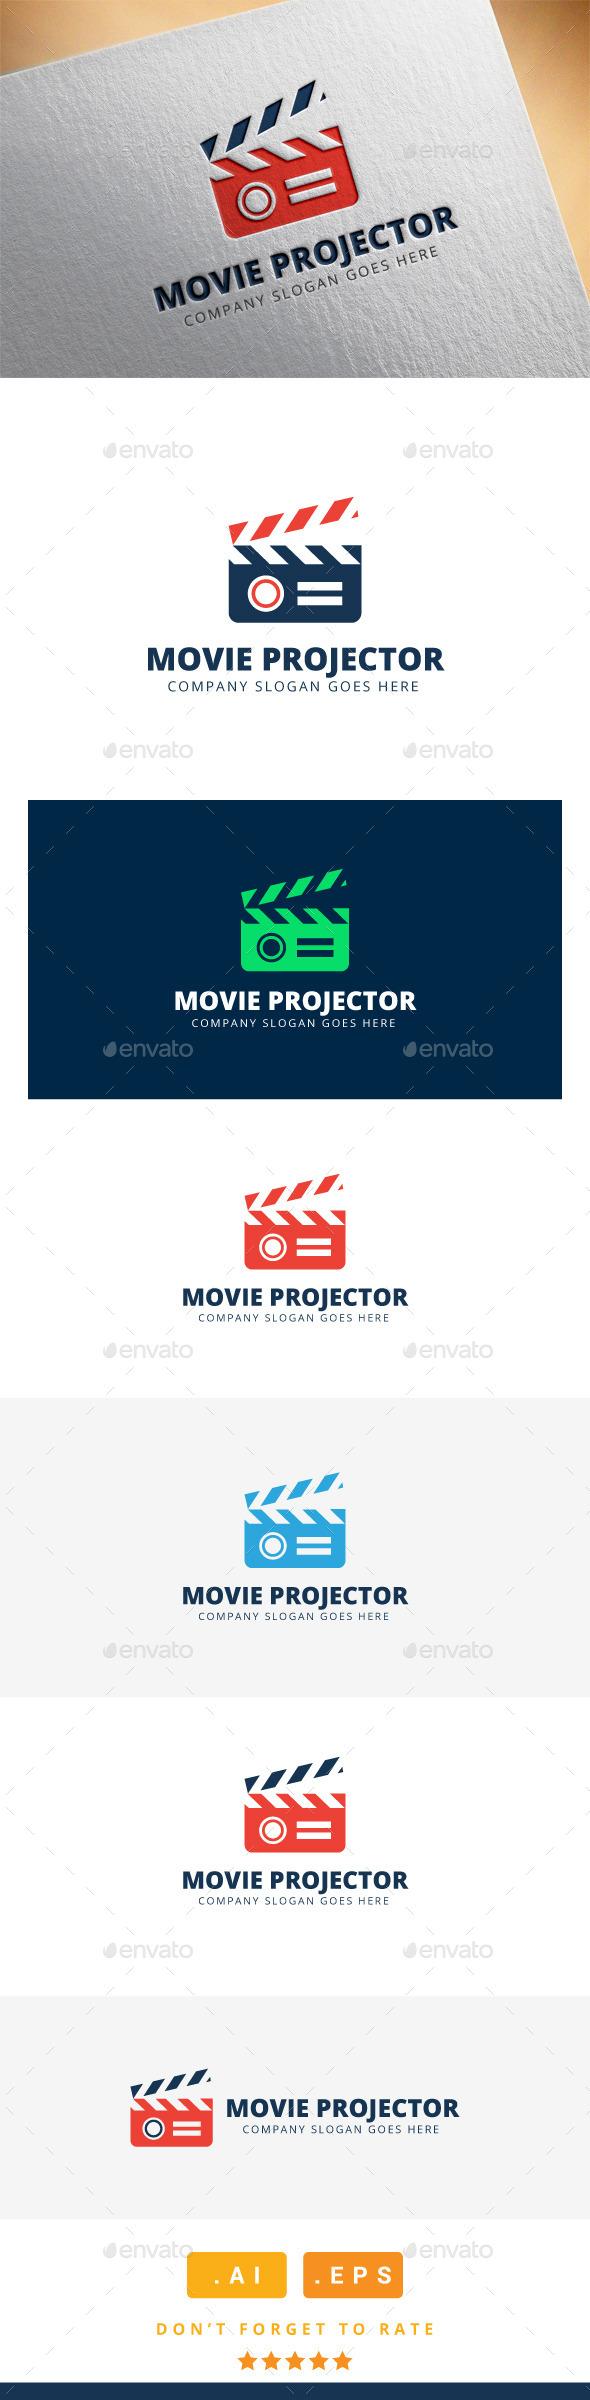 Movie Projector Logo